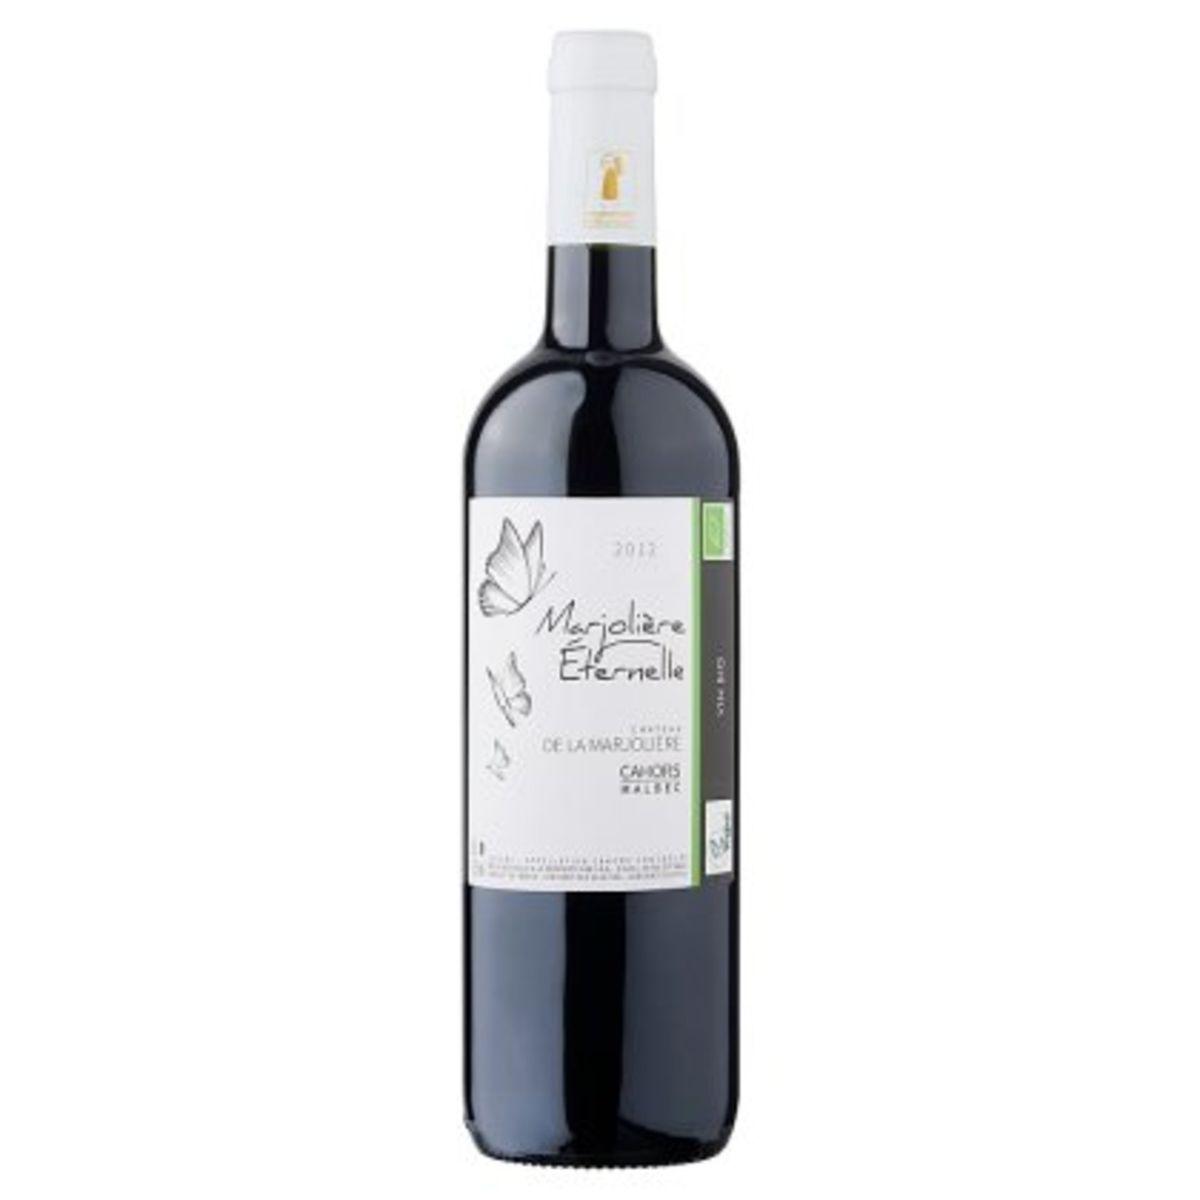 Château de la Marjolière Marjolière Eternelle Vin Bio 75 cl